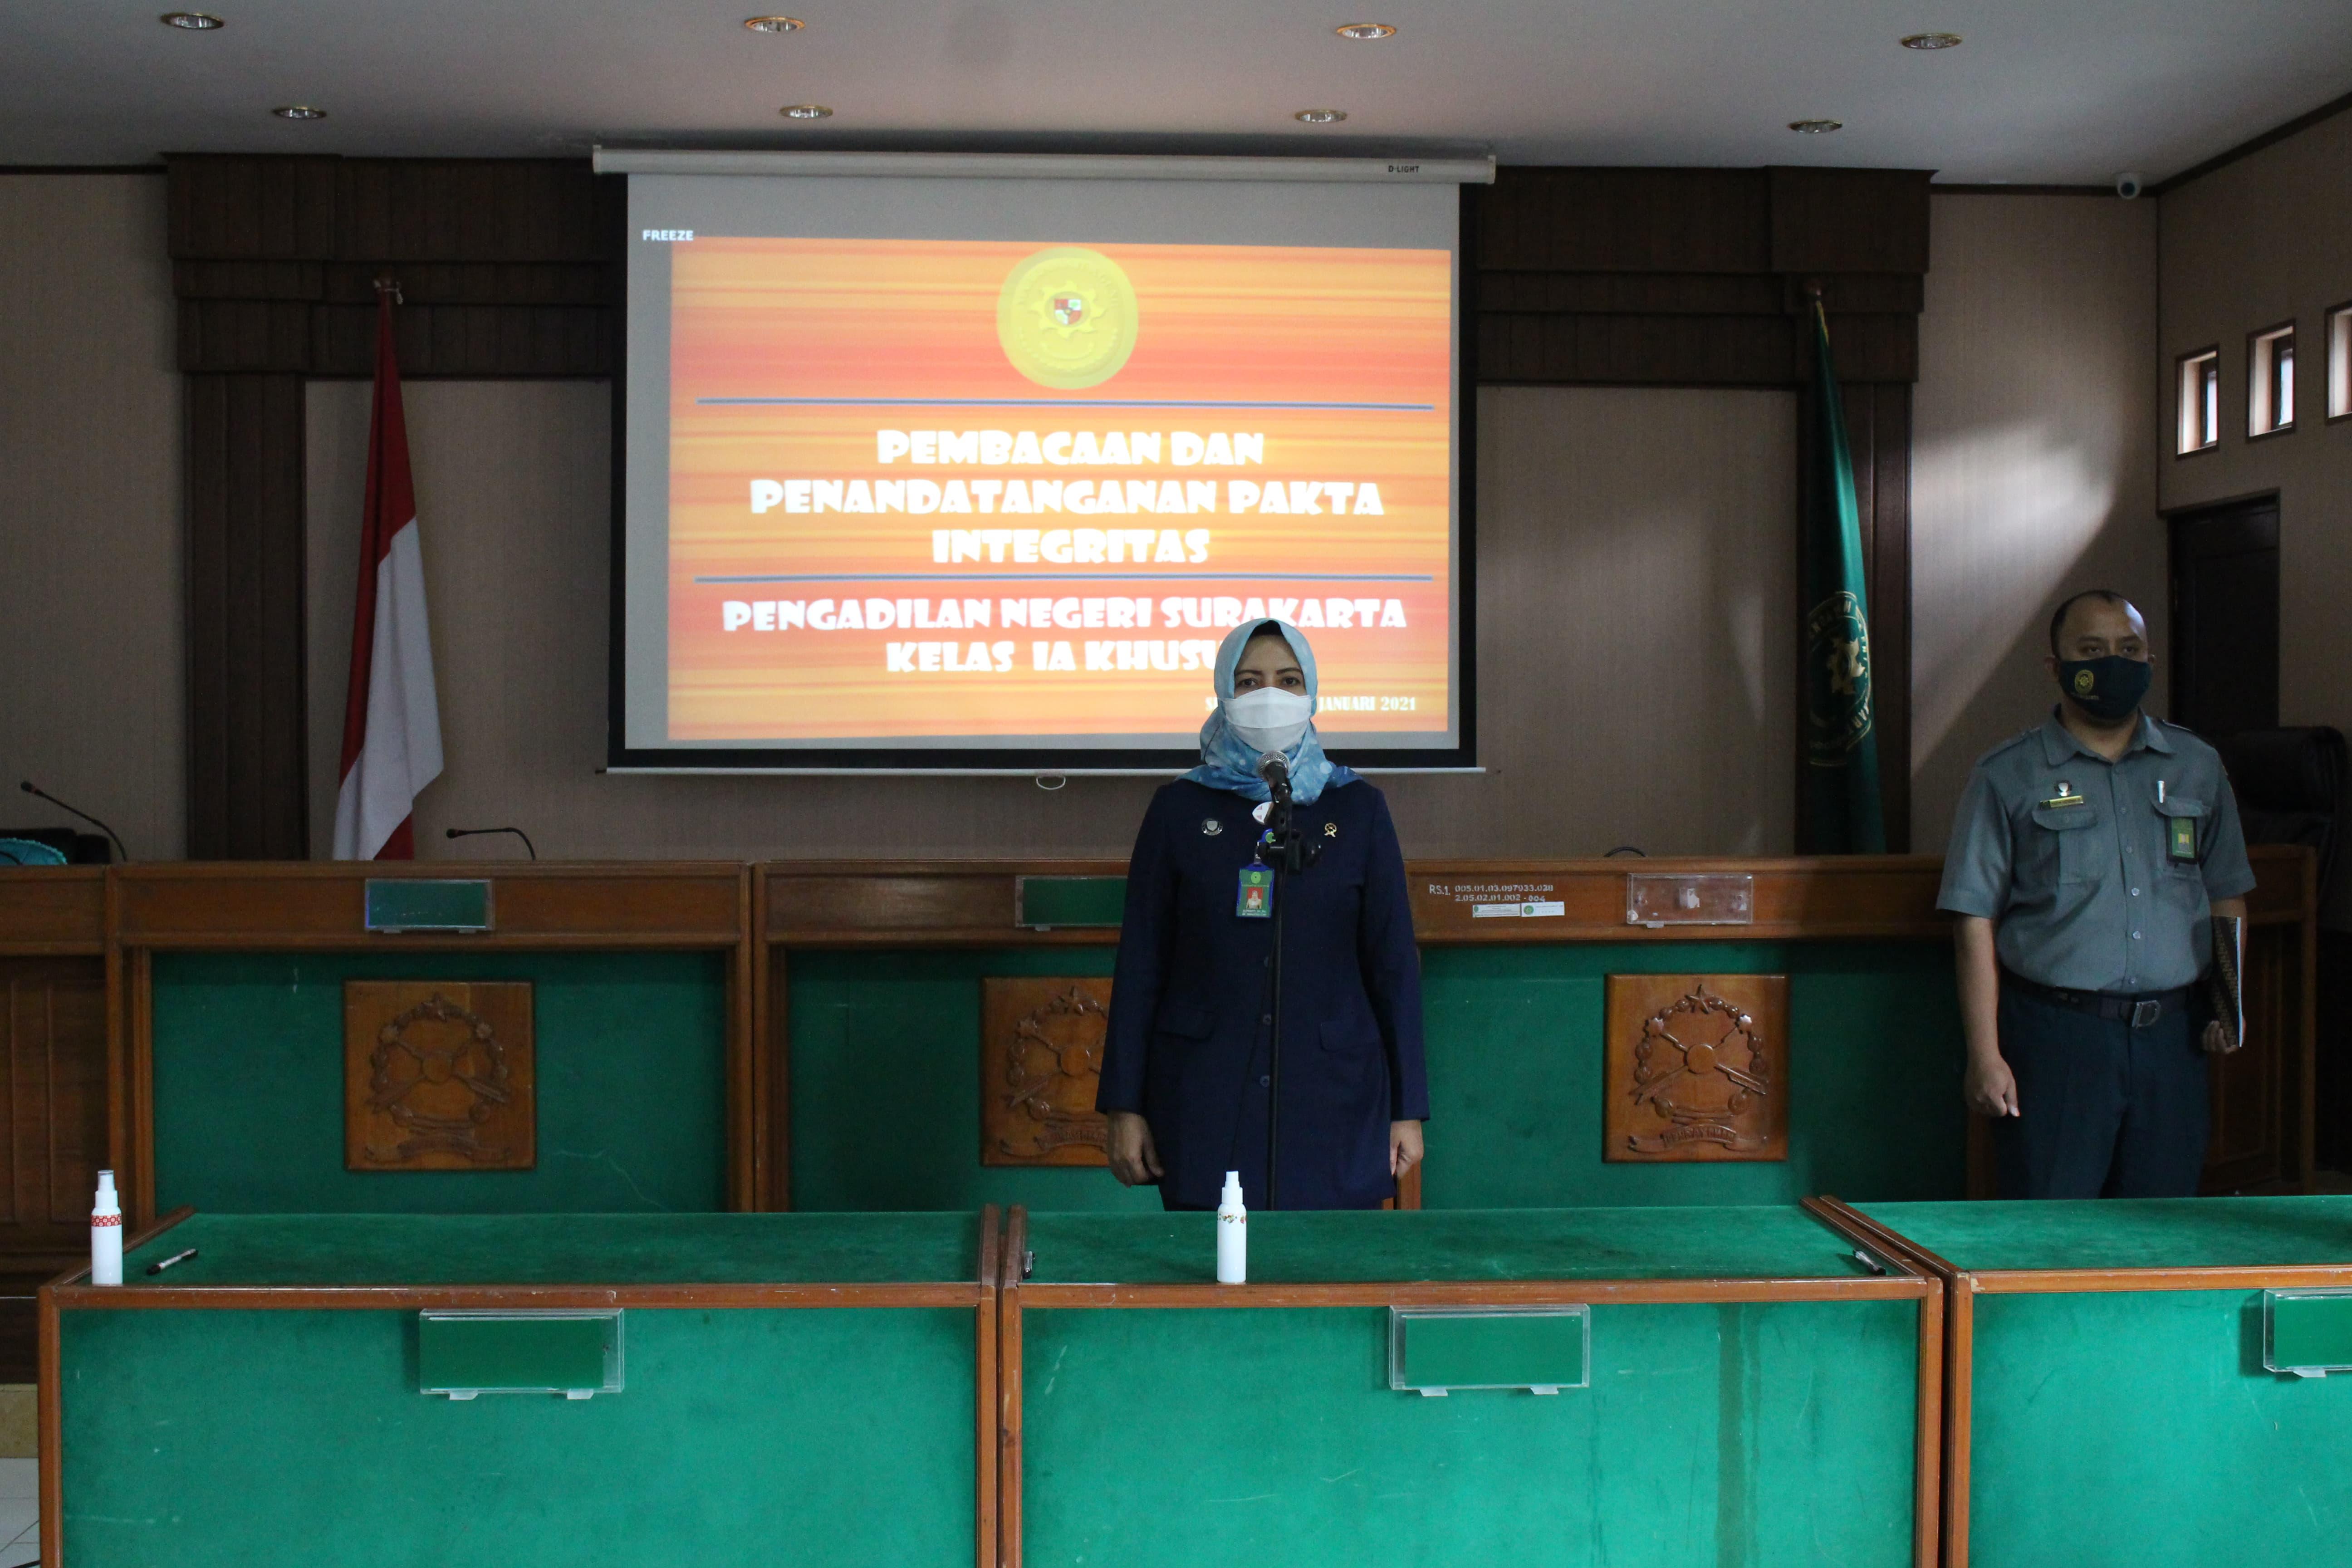 Pembacaan dan Penandatanganan Pakta Integritas  Pengadilan Negeri Surakarta Kelas IA Khusus